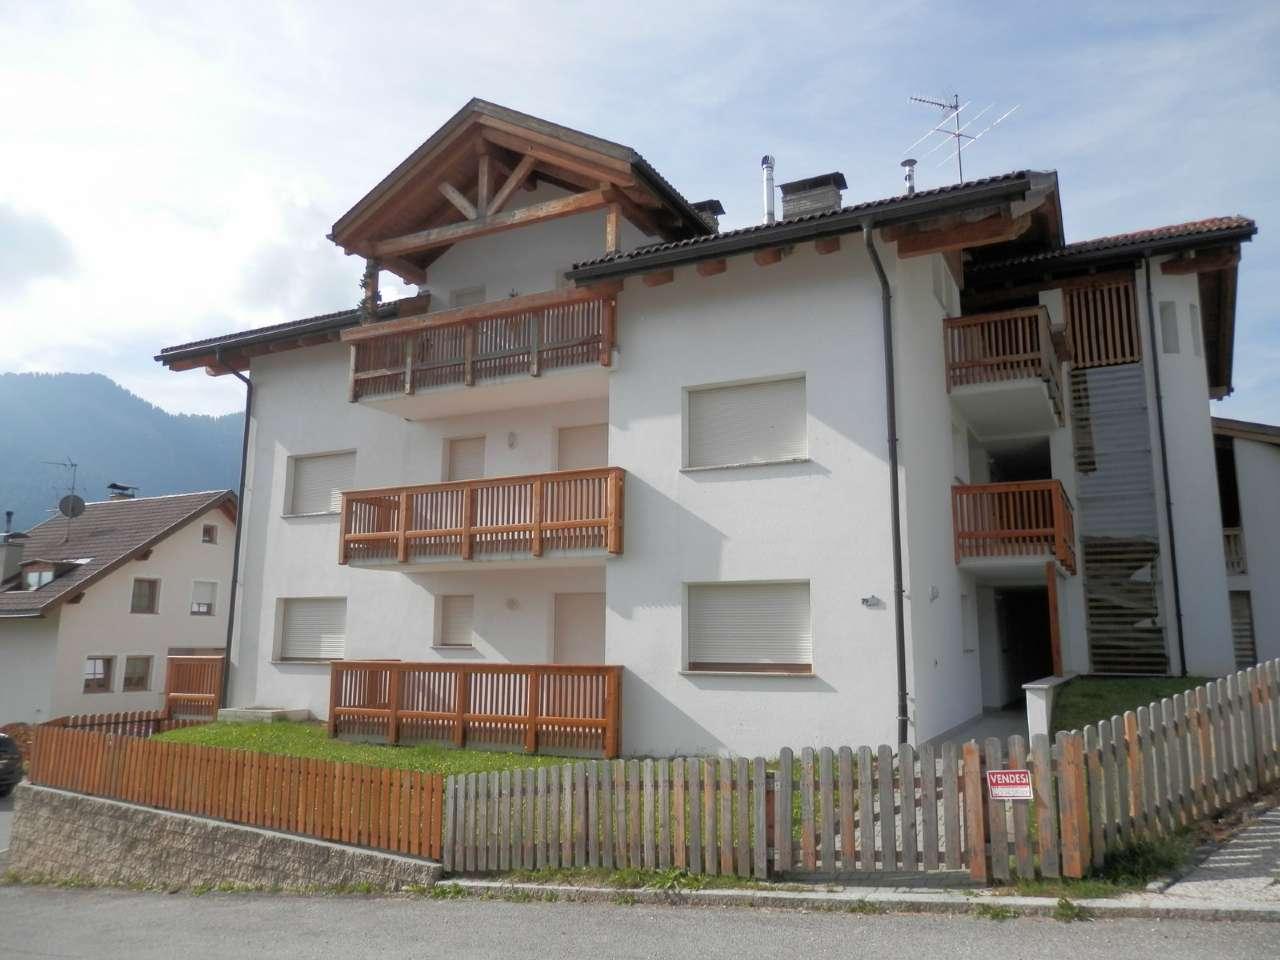 Appartamento in vendita a San Martino in Badia, 4 locali, Trattative riservate | CambioCasa.it